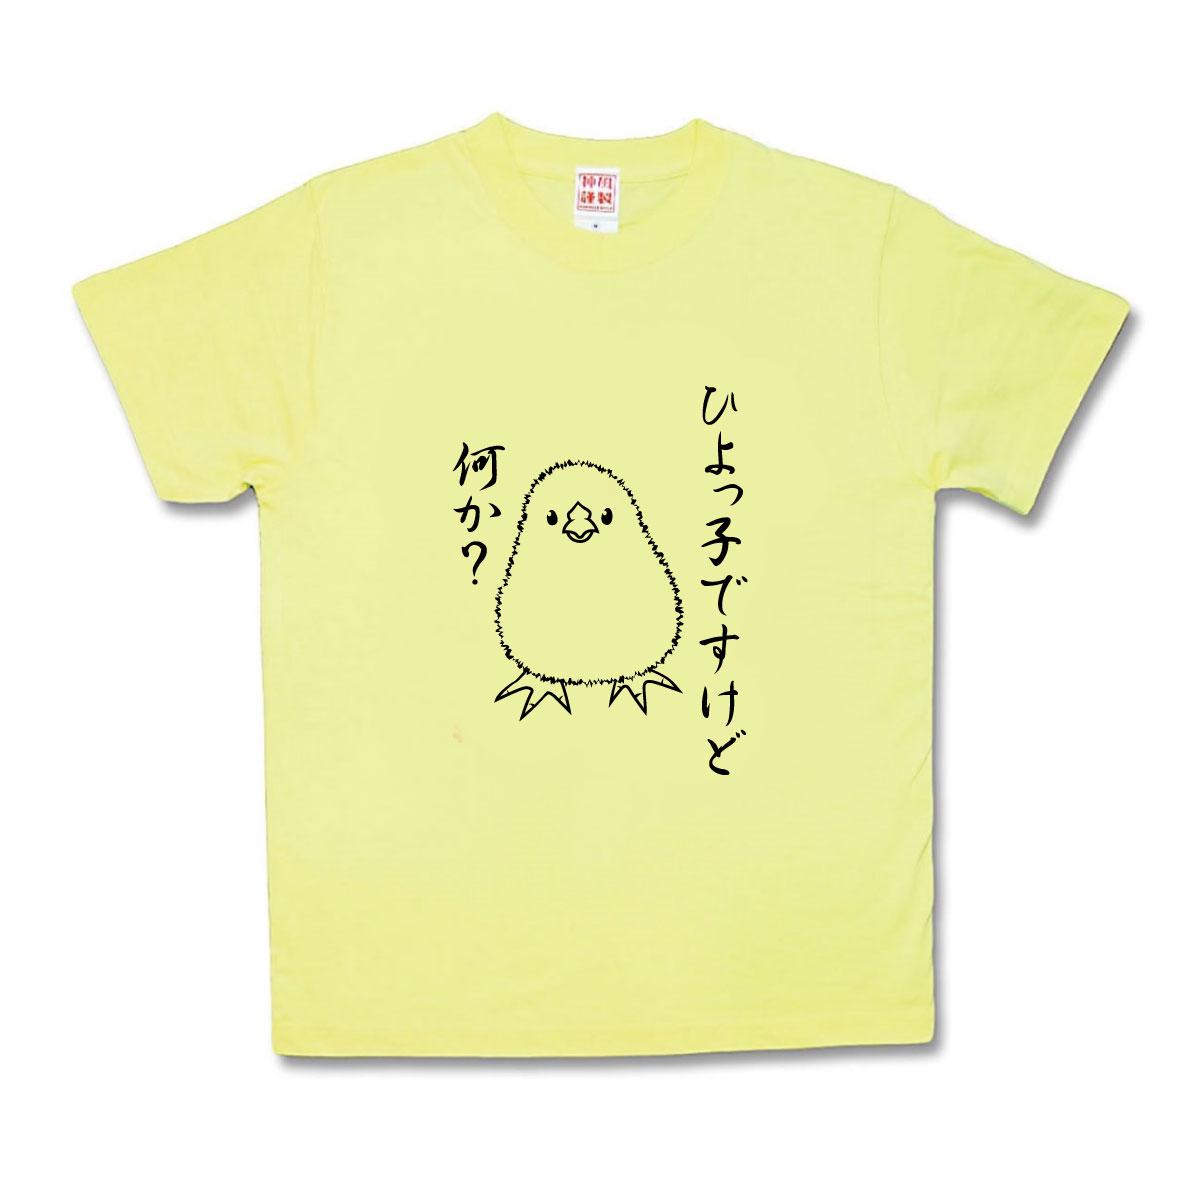 おふざけTシャツ 70%OFFアウトレット ひよっ子 大幅値下げランキング